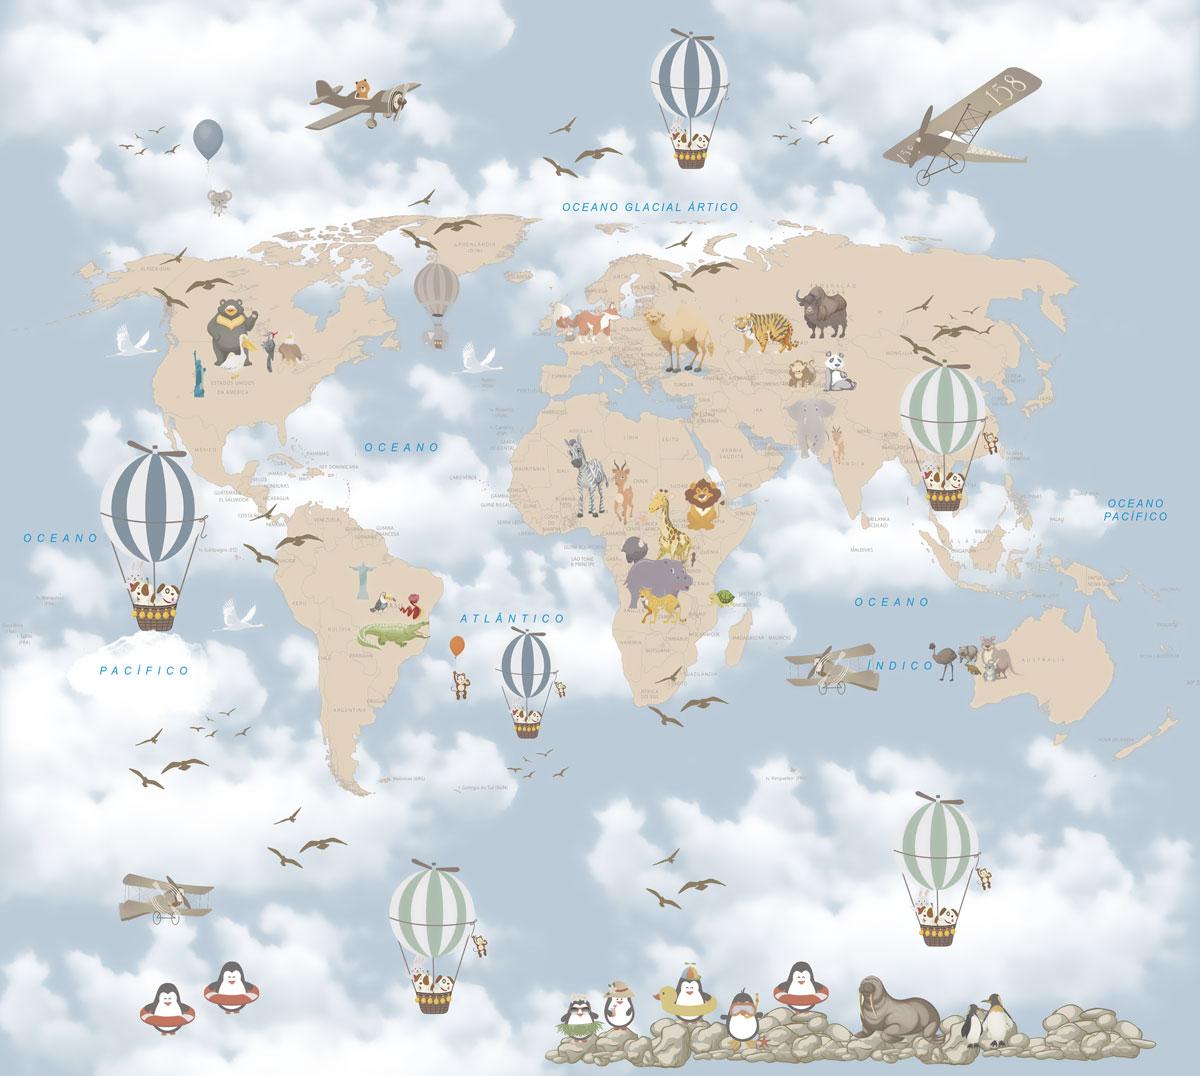 Papel De Parede Adesivo, Infantil Mapa Mundi Bichinhos Balão 1X1  - Final Decor